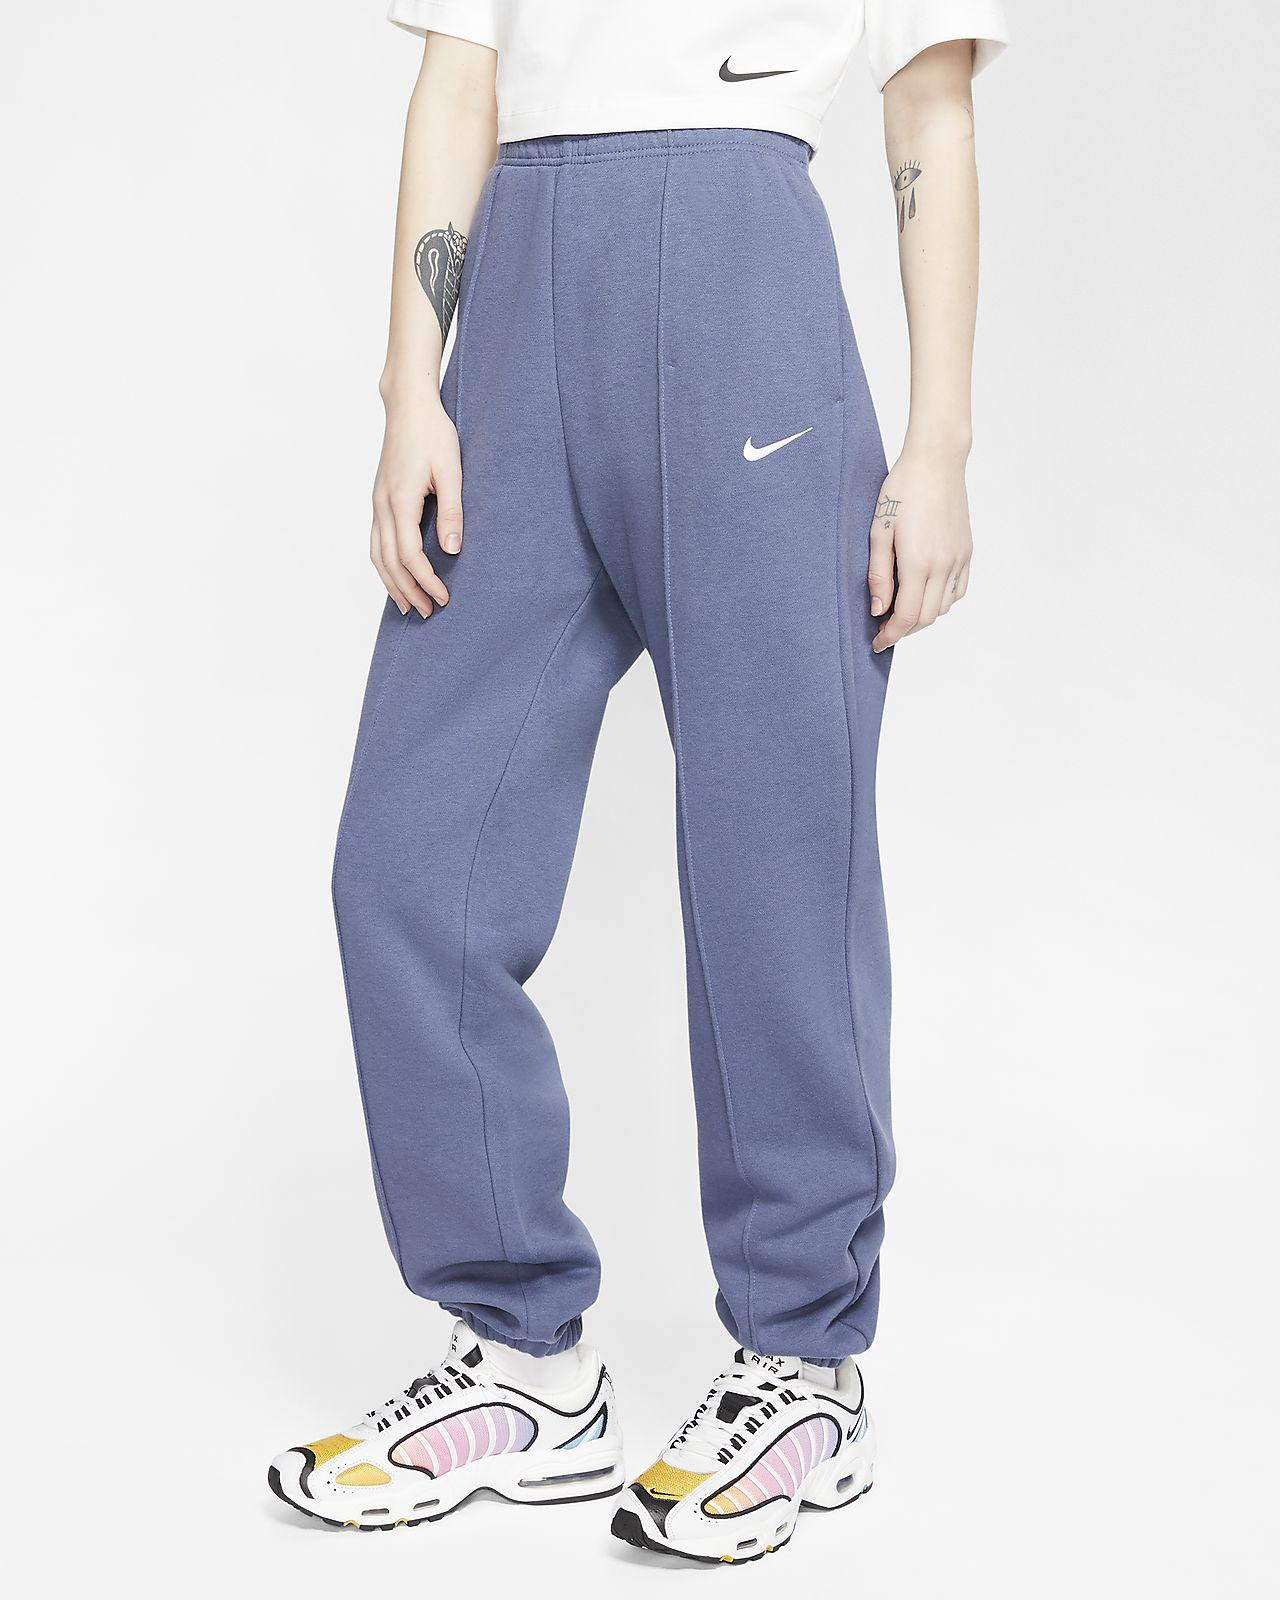 Nike Sportswear Essential Women S Fleece Pants Nike Com In 2020 Fleece Pants Women Nike Pants For Women Womens Fleece